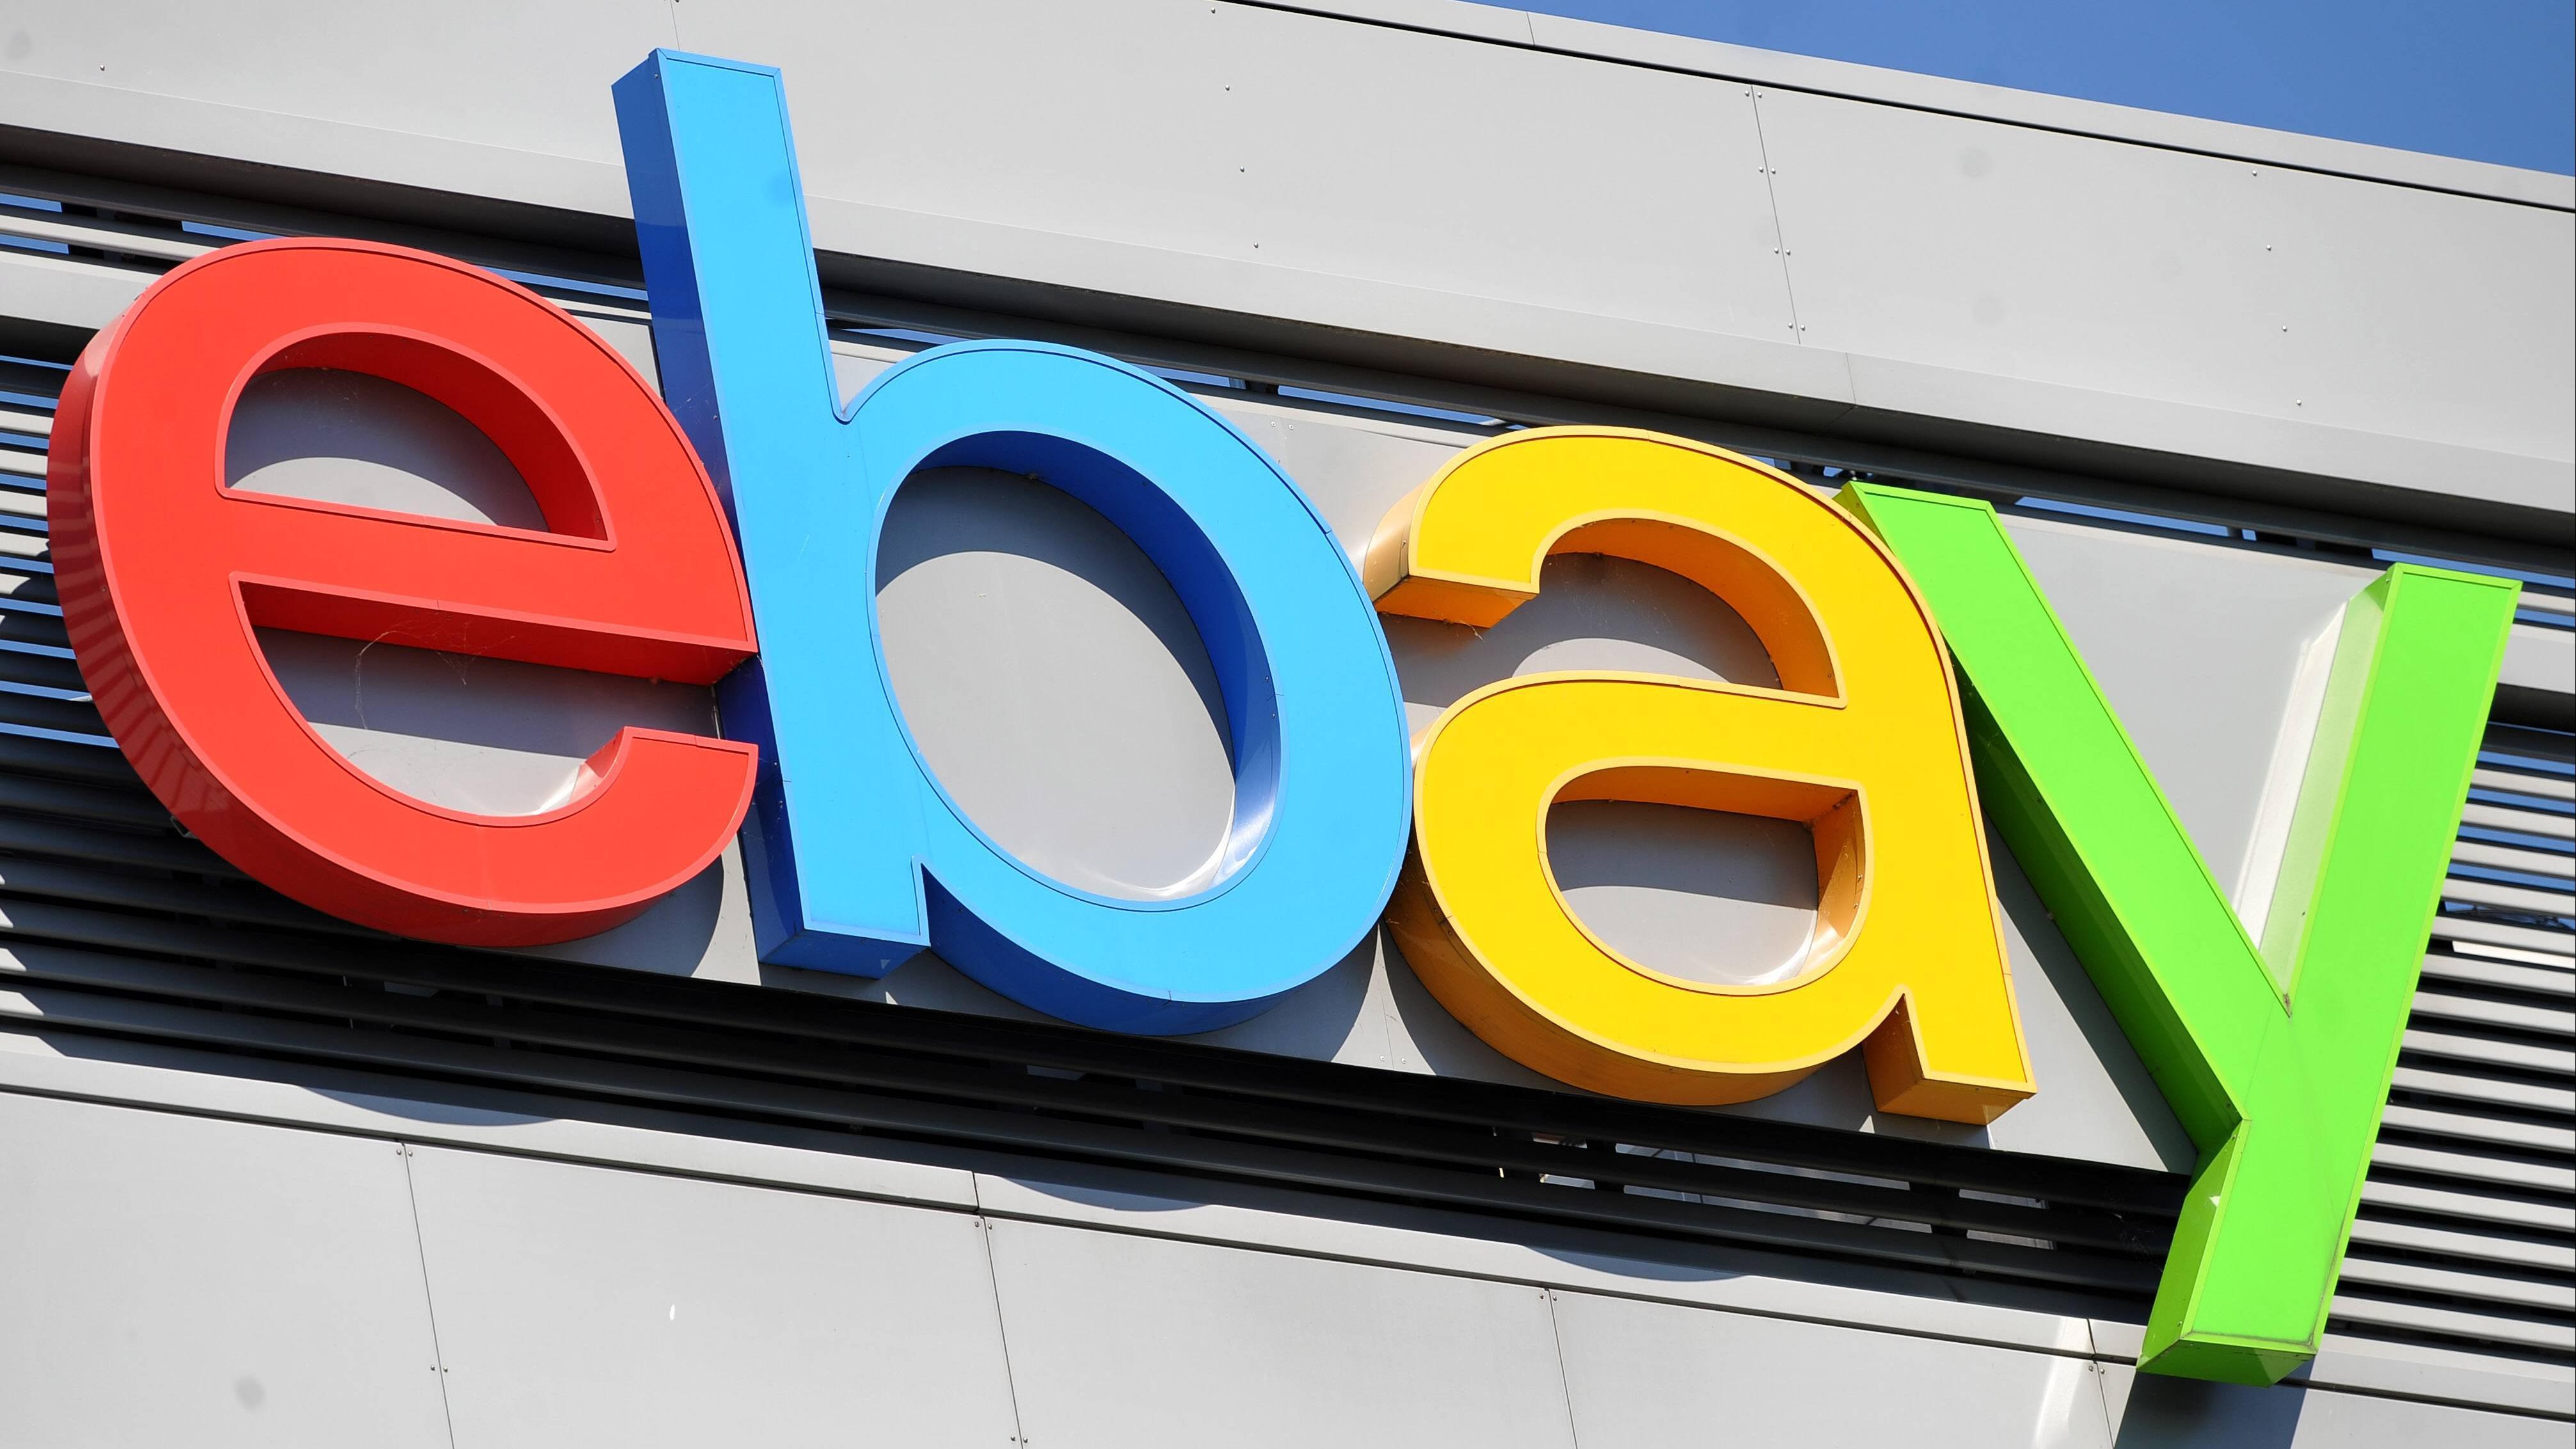 eBay-Verkäufer meldet sich nicht: Das können Sie jetzt tun